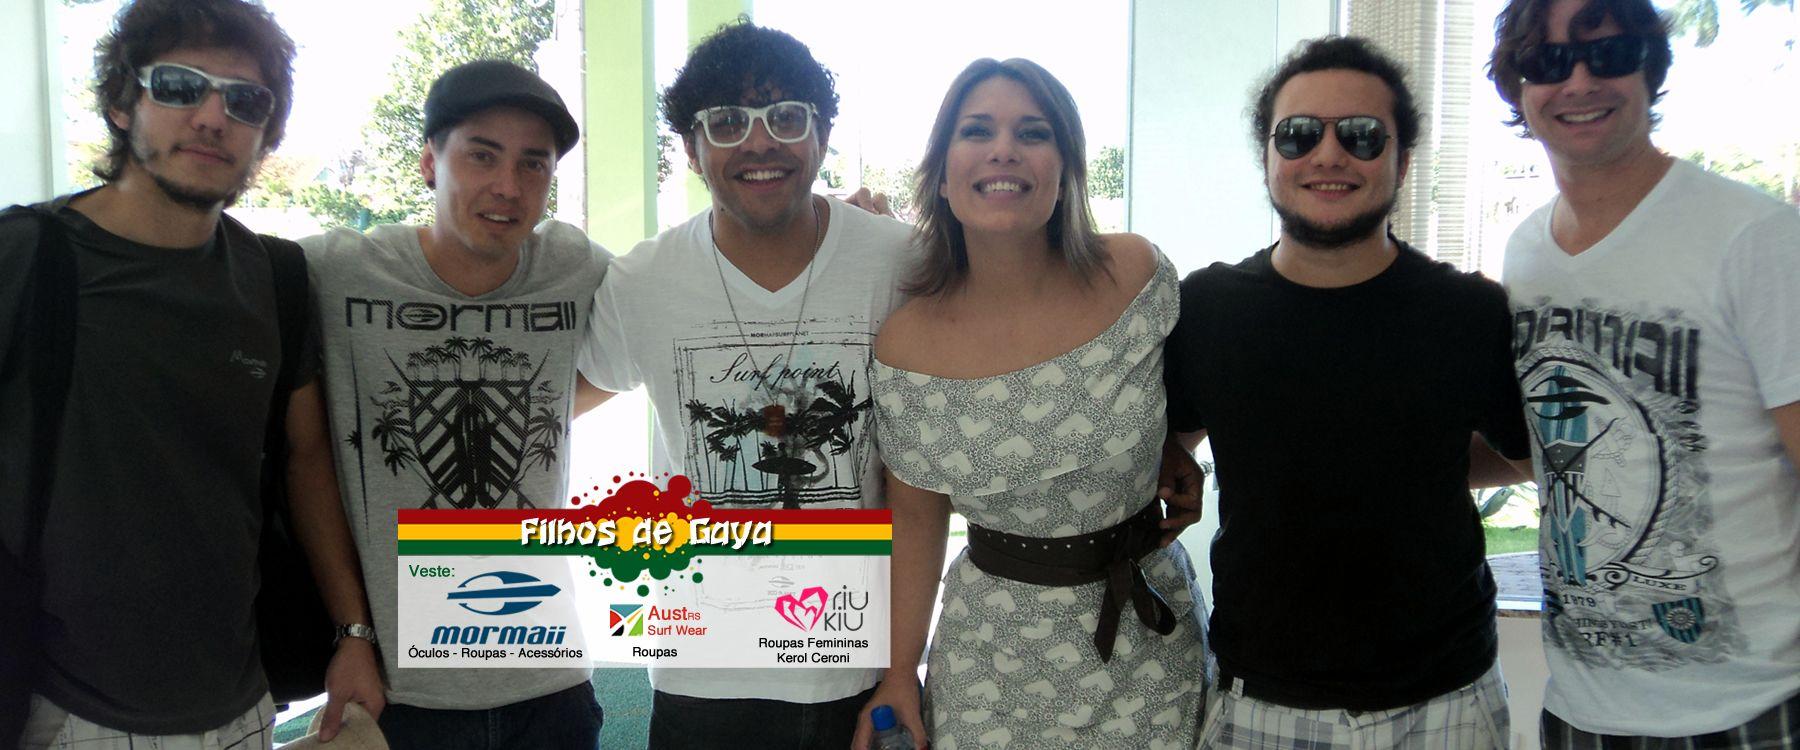 Filhos de Gaya no Mato Grosso www.facebook.com/fdgpagina